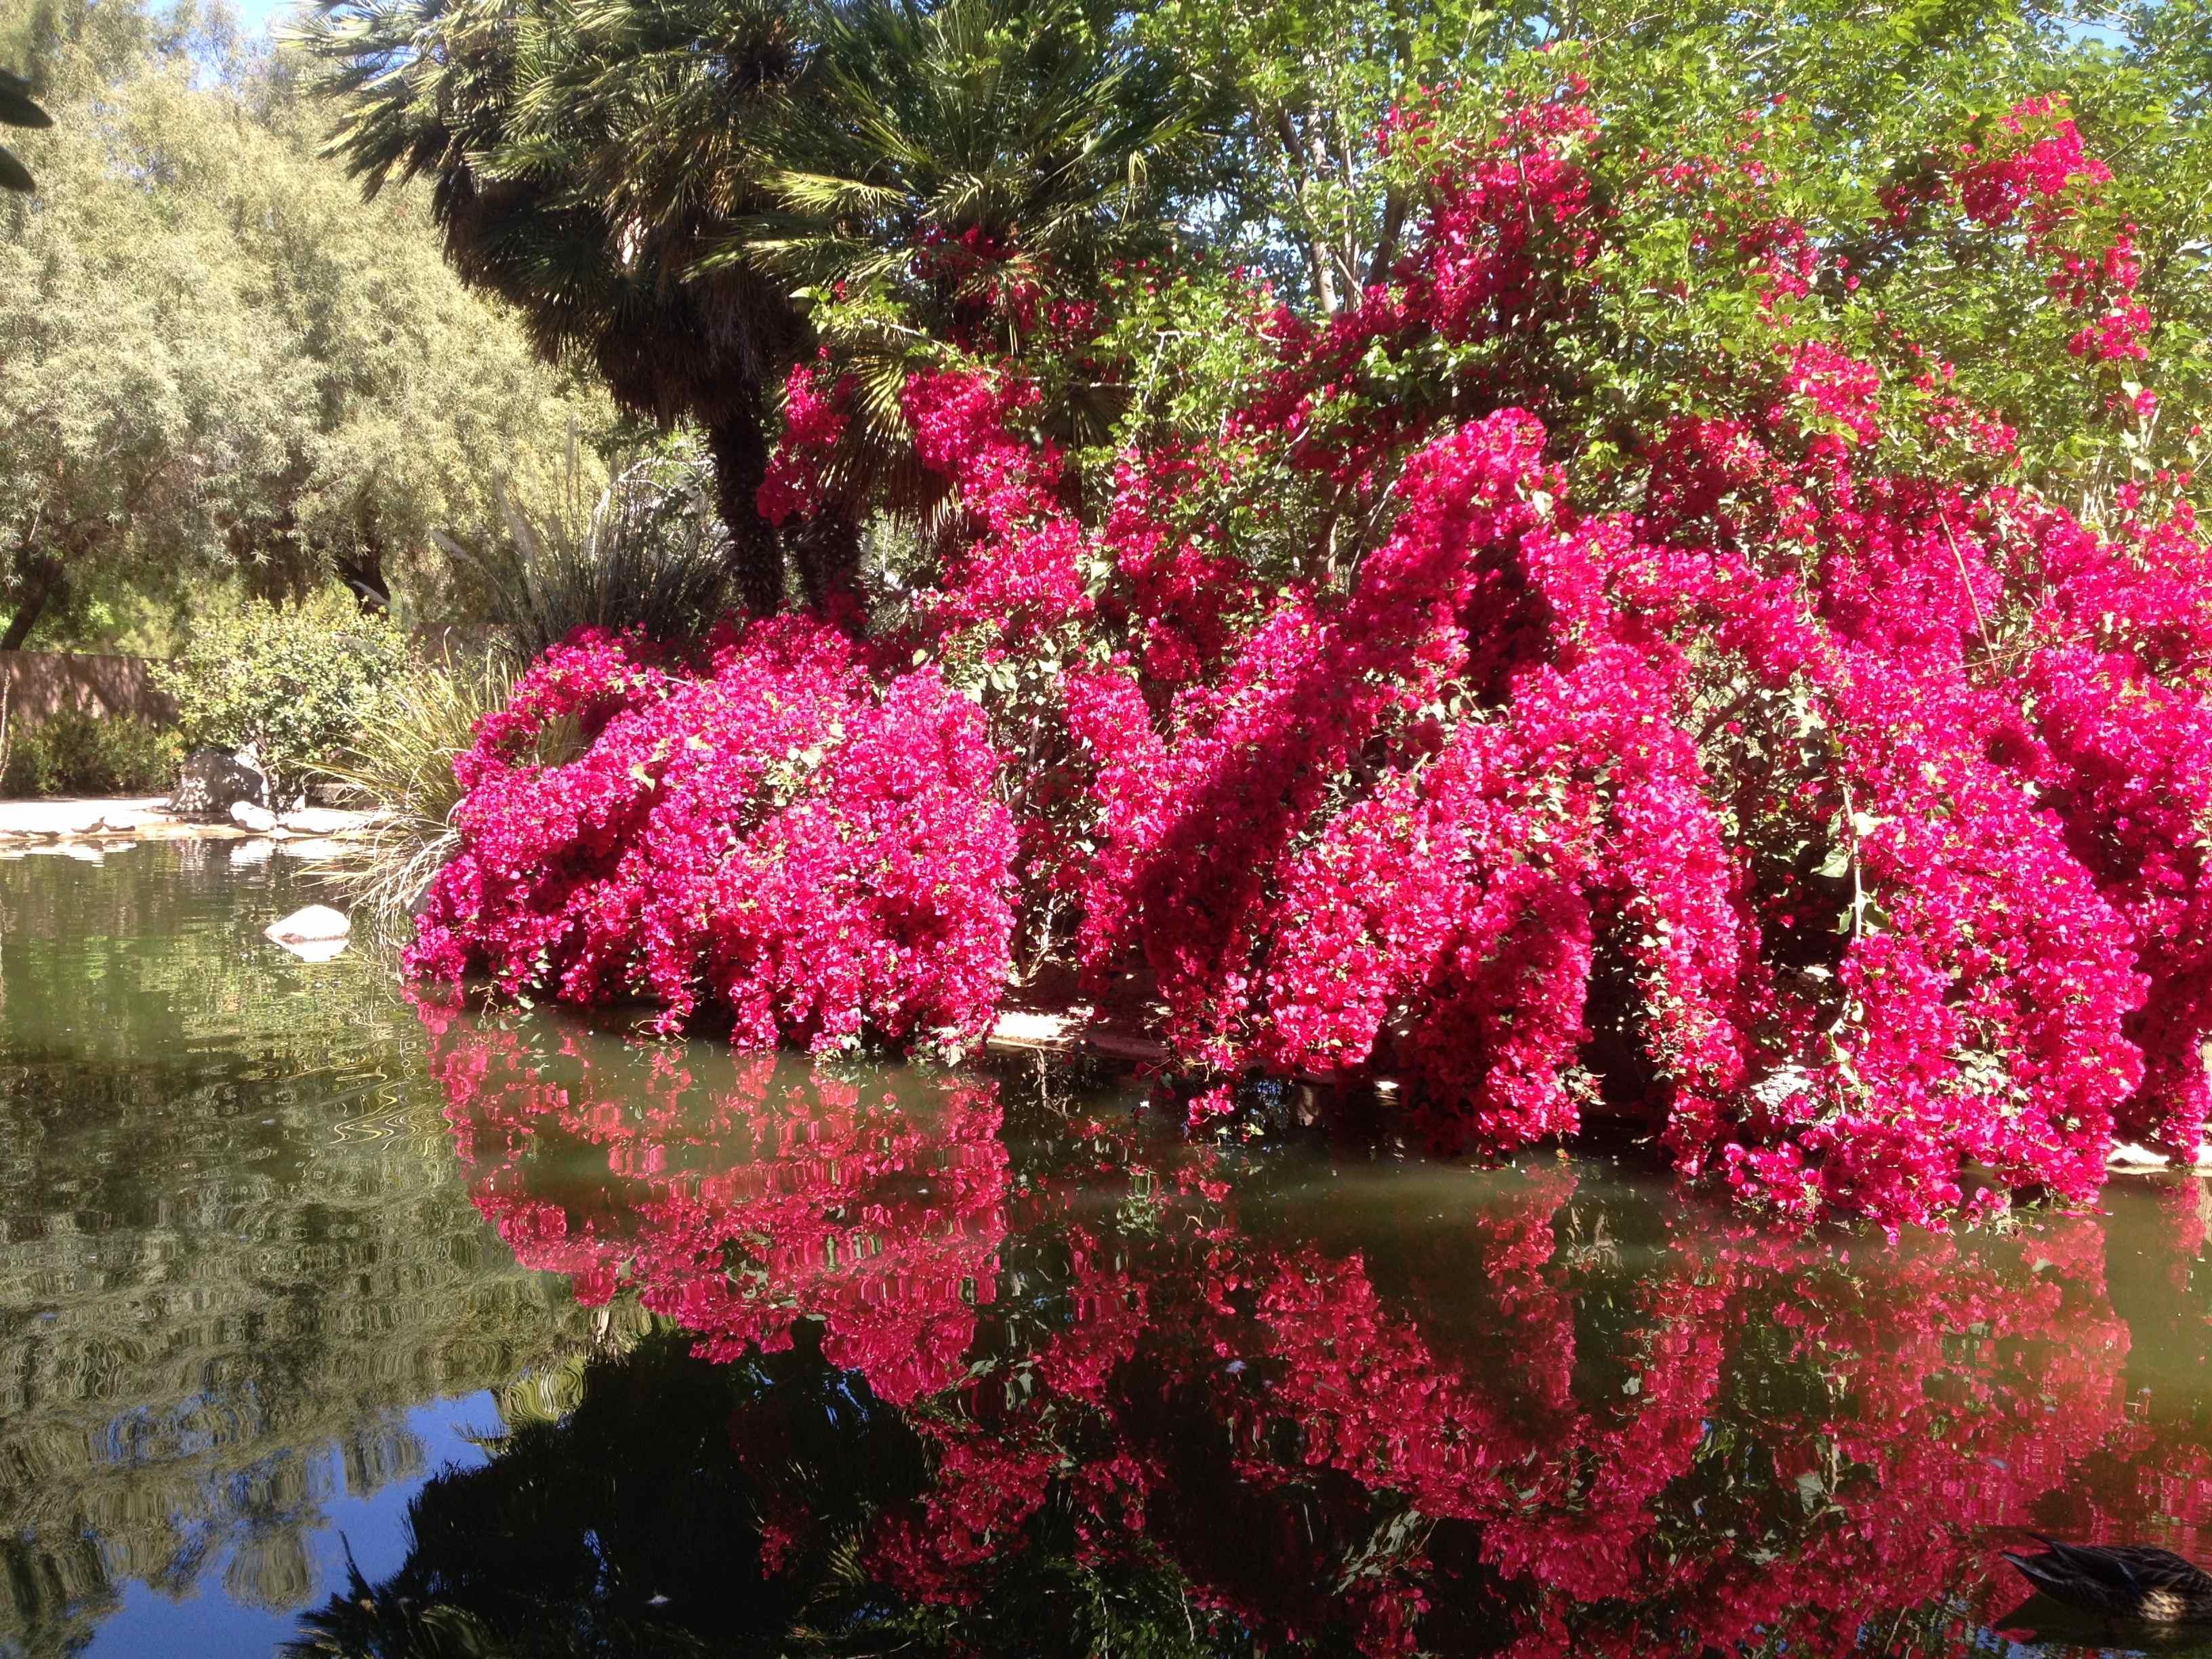 Springtime in the Desert | Thirdeyemom